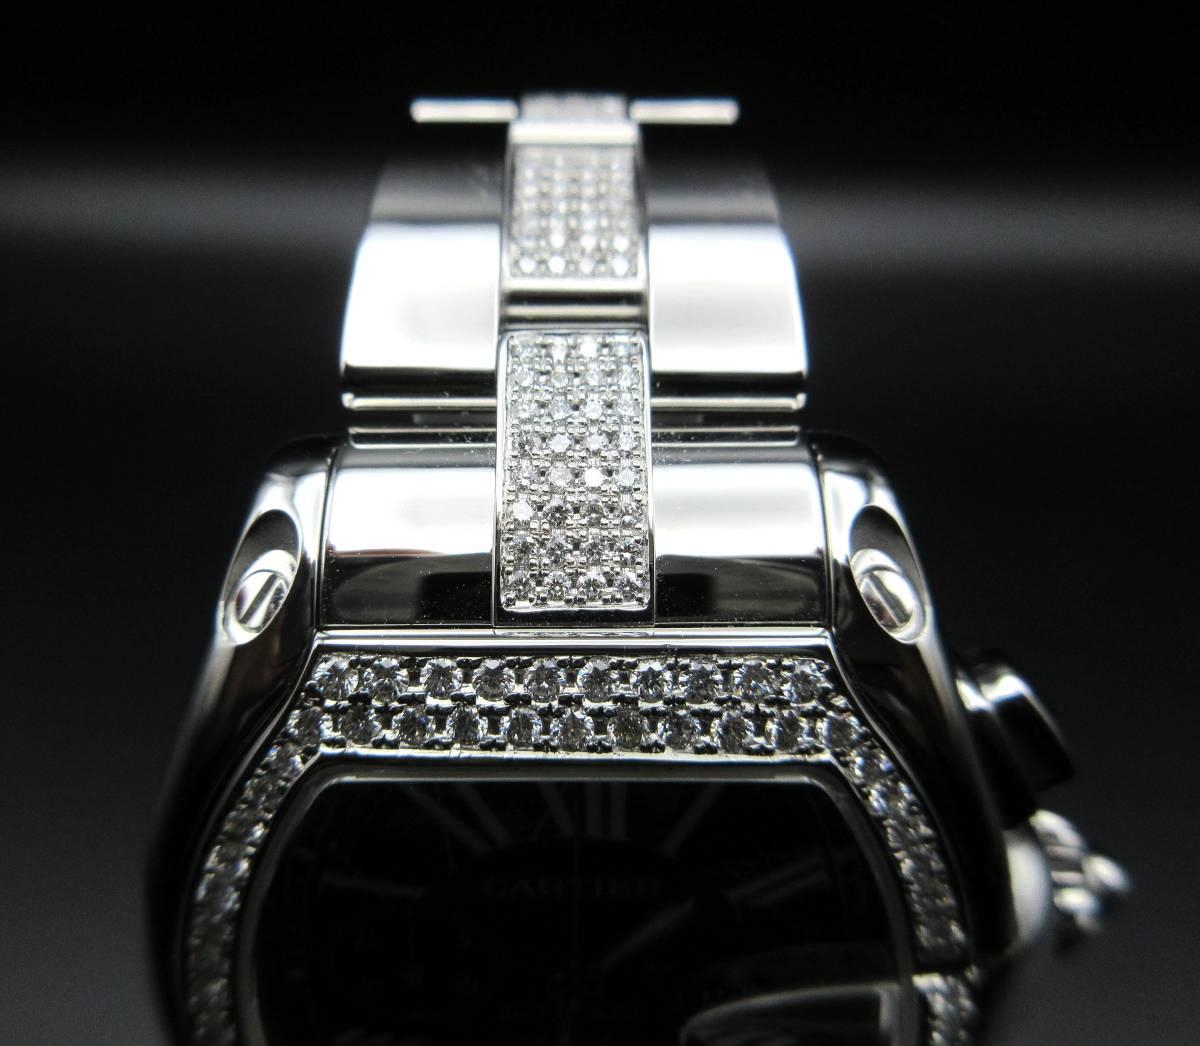 Cartier カルティエ ロードスター クロノグラフ LM ベゼルアフターダイヤ加工します カスタム W62041V3 SS 019X6 007 020 取付 サントス S_画像4